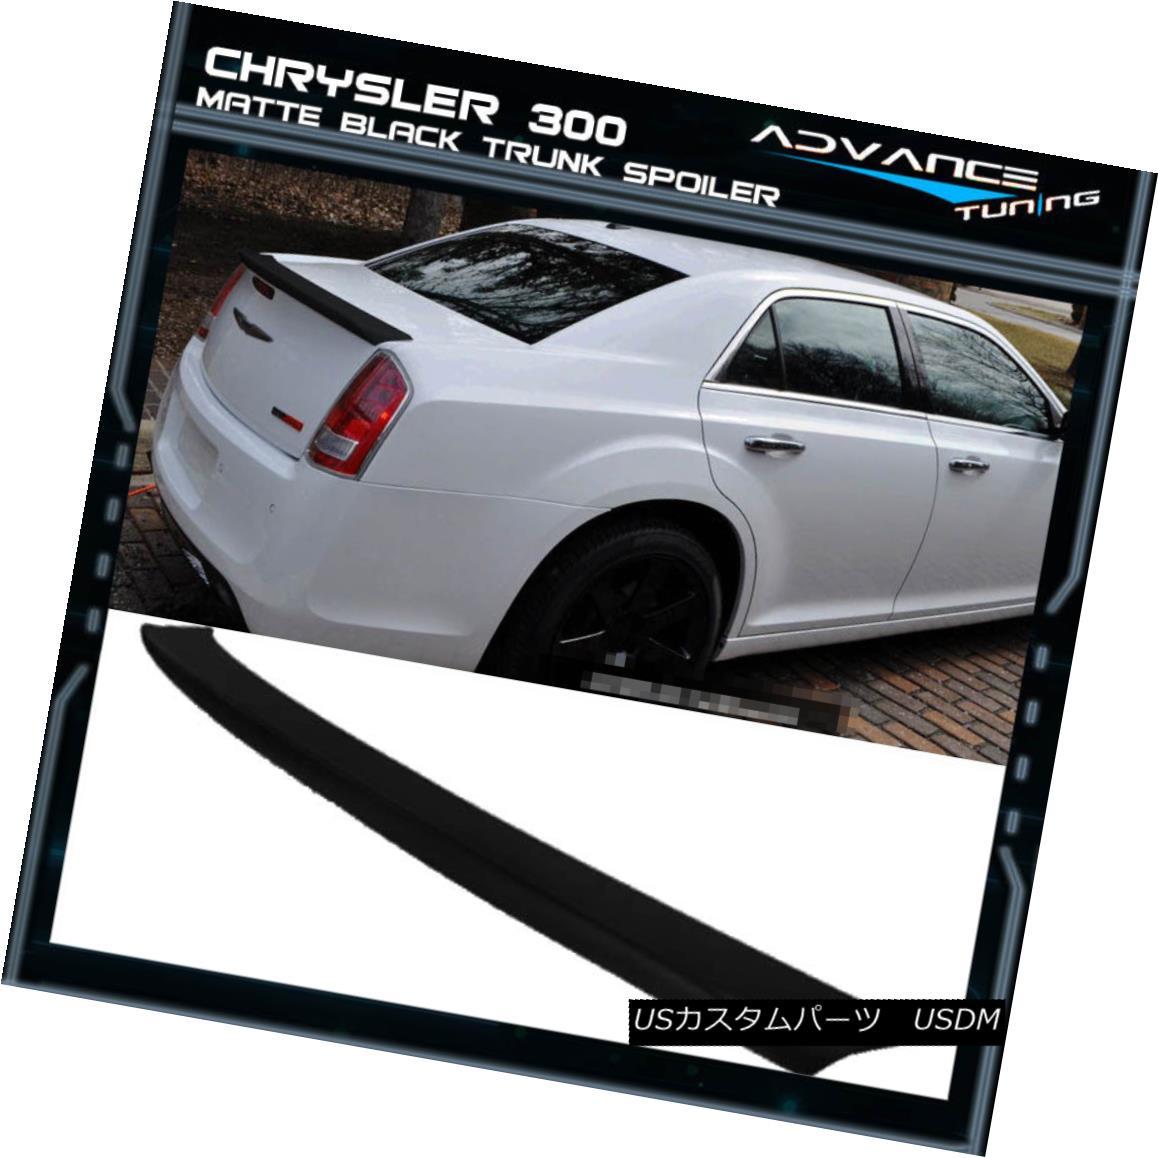 エアロパーツ Fits 11-18 Chrysler 300 300C ABS Trunk OE Style Wing Spoiler Painted Matte Black フィット11-18クライスラー300 300C ABSトランクOEスタイルウイングスポイラー塗装マットブラック